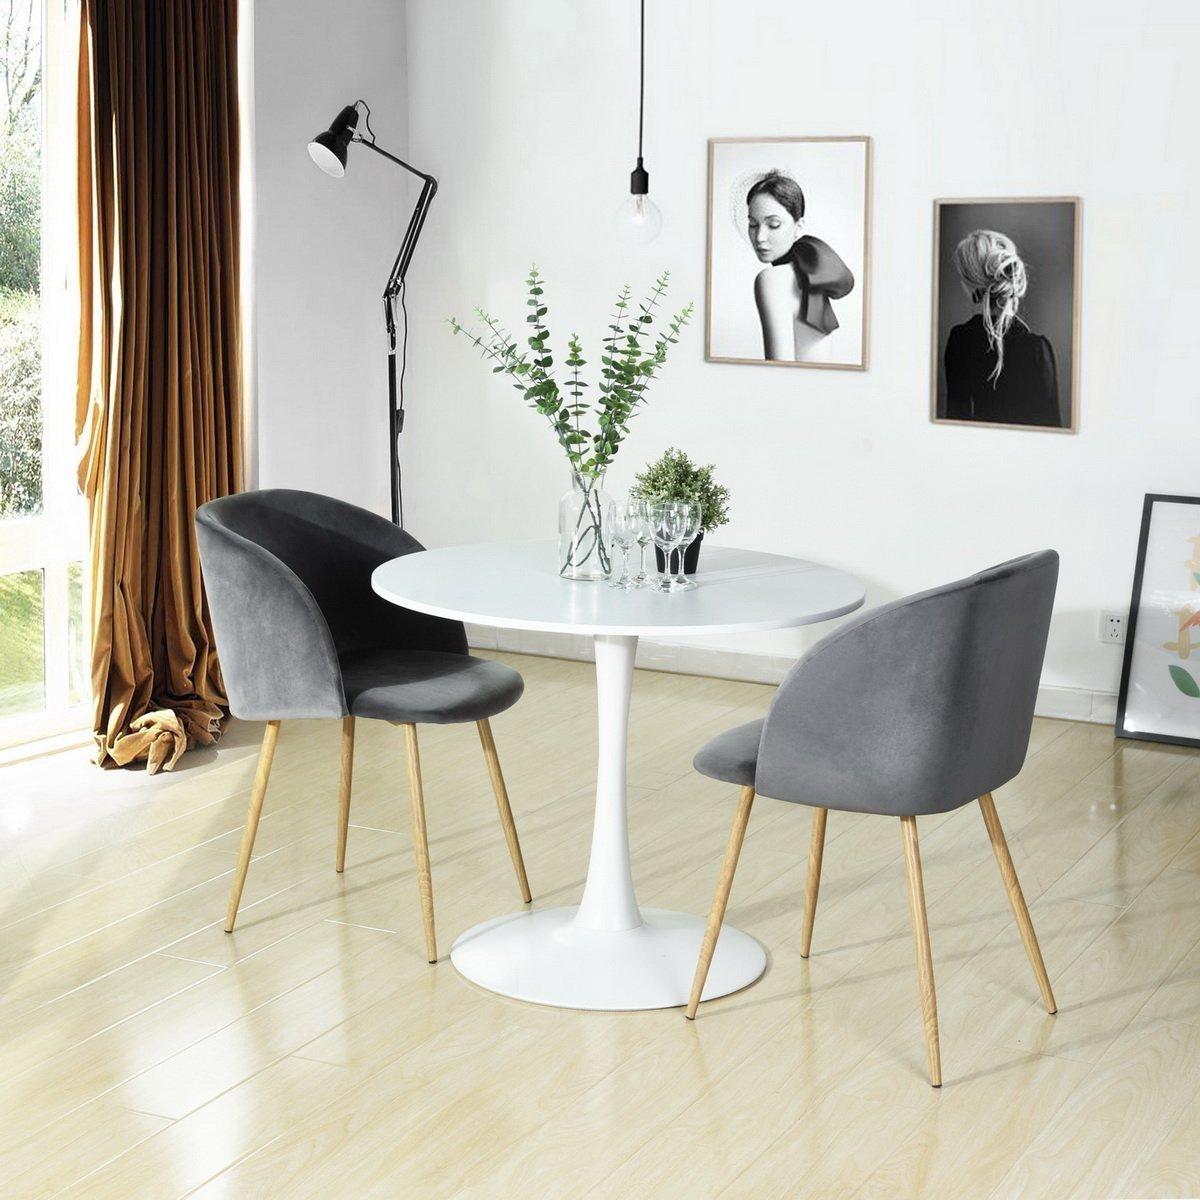 1xsilky samt akzent sessel f r kleine k che esszimmer b ro wohnzimmerstuhl grau ebay. Black Bedroom Furniture Sets. Home Design Ideas